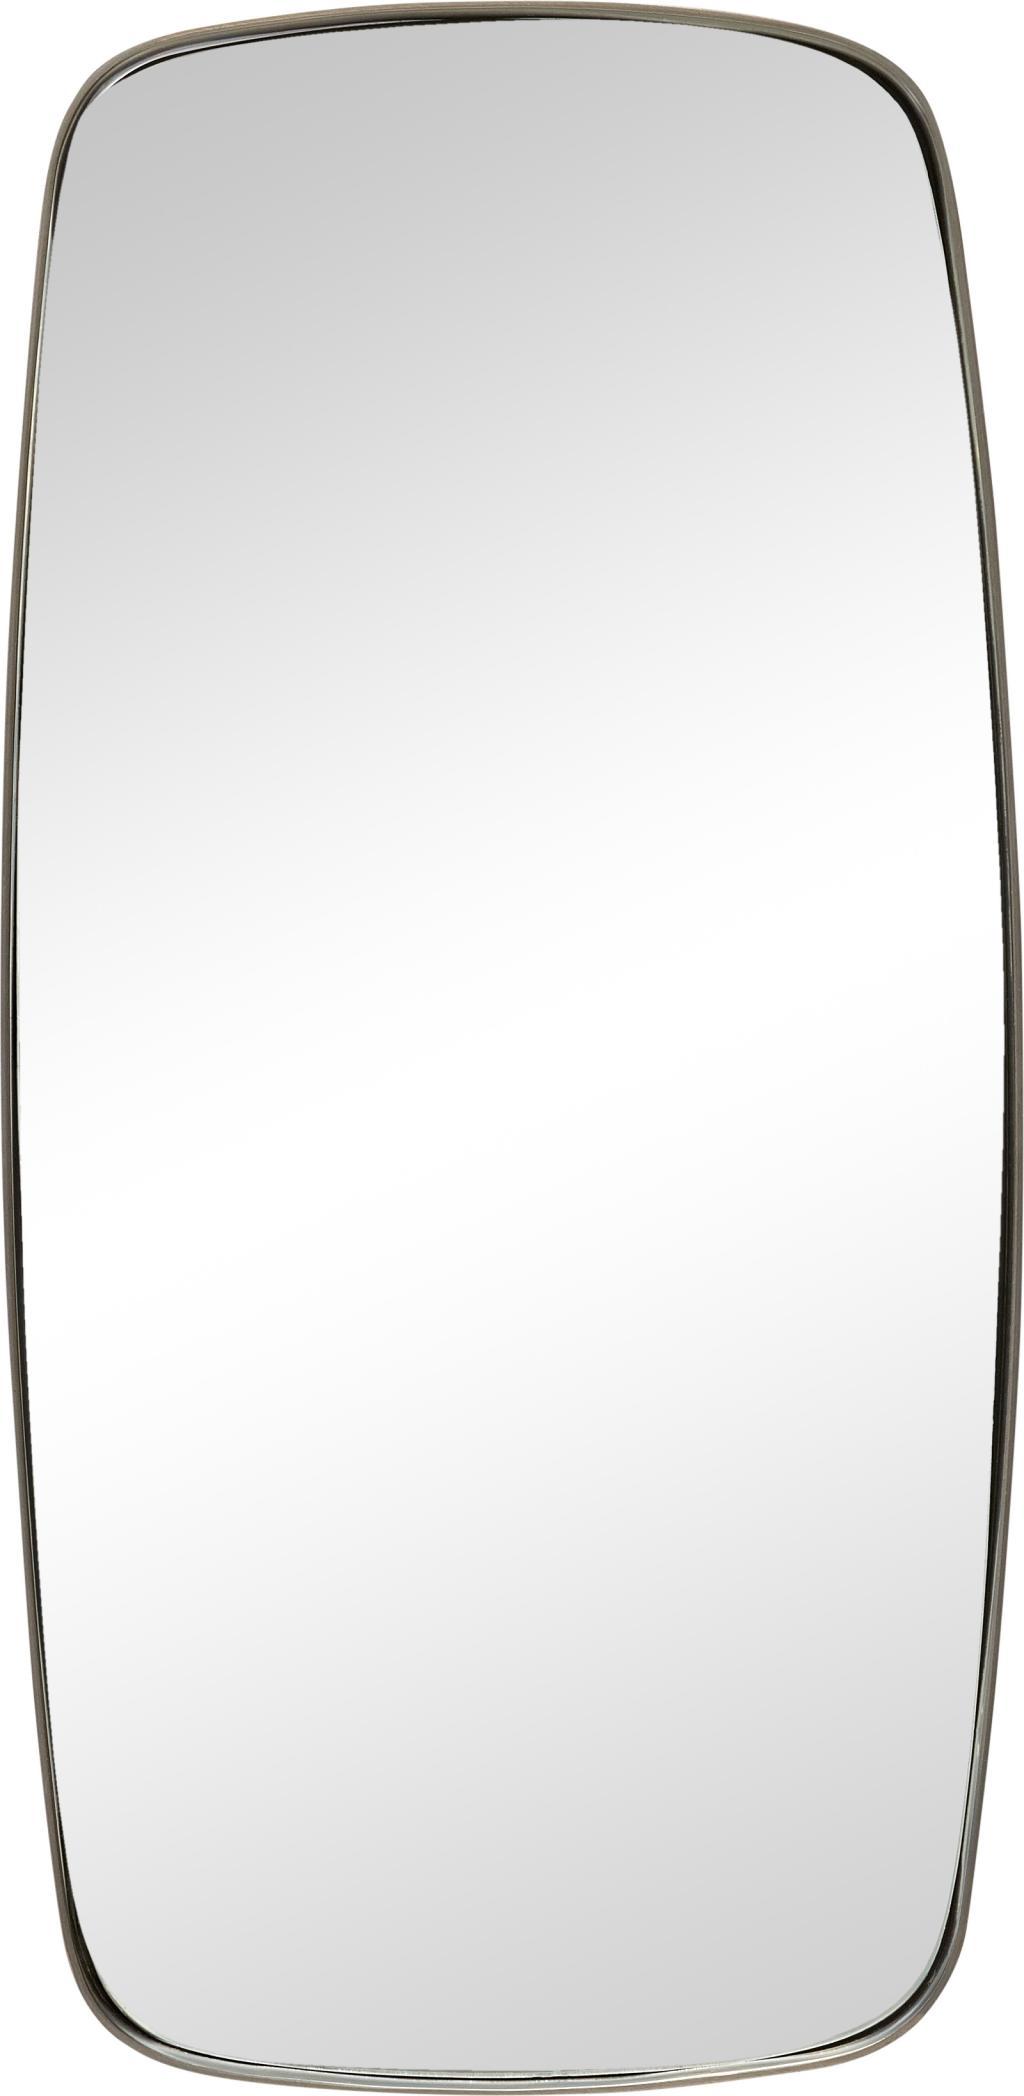 Wandspiegel mit metallrahmen 29 x 2 x 59 cm hubsch kaufen wohn und - Wandspiegel metallrahmen ...